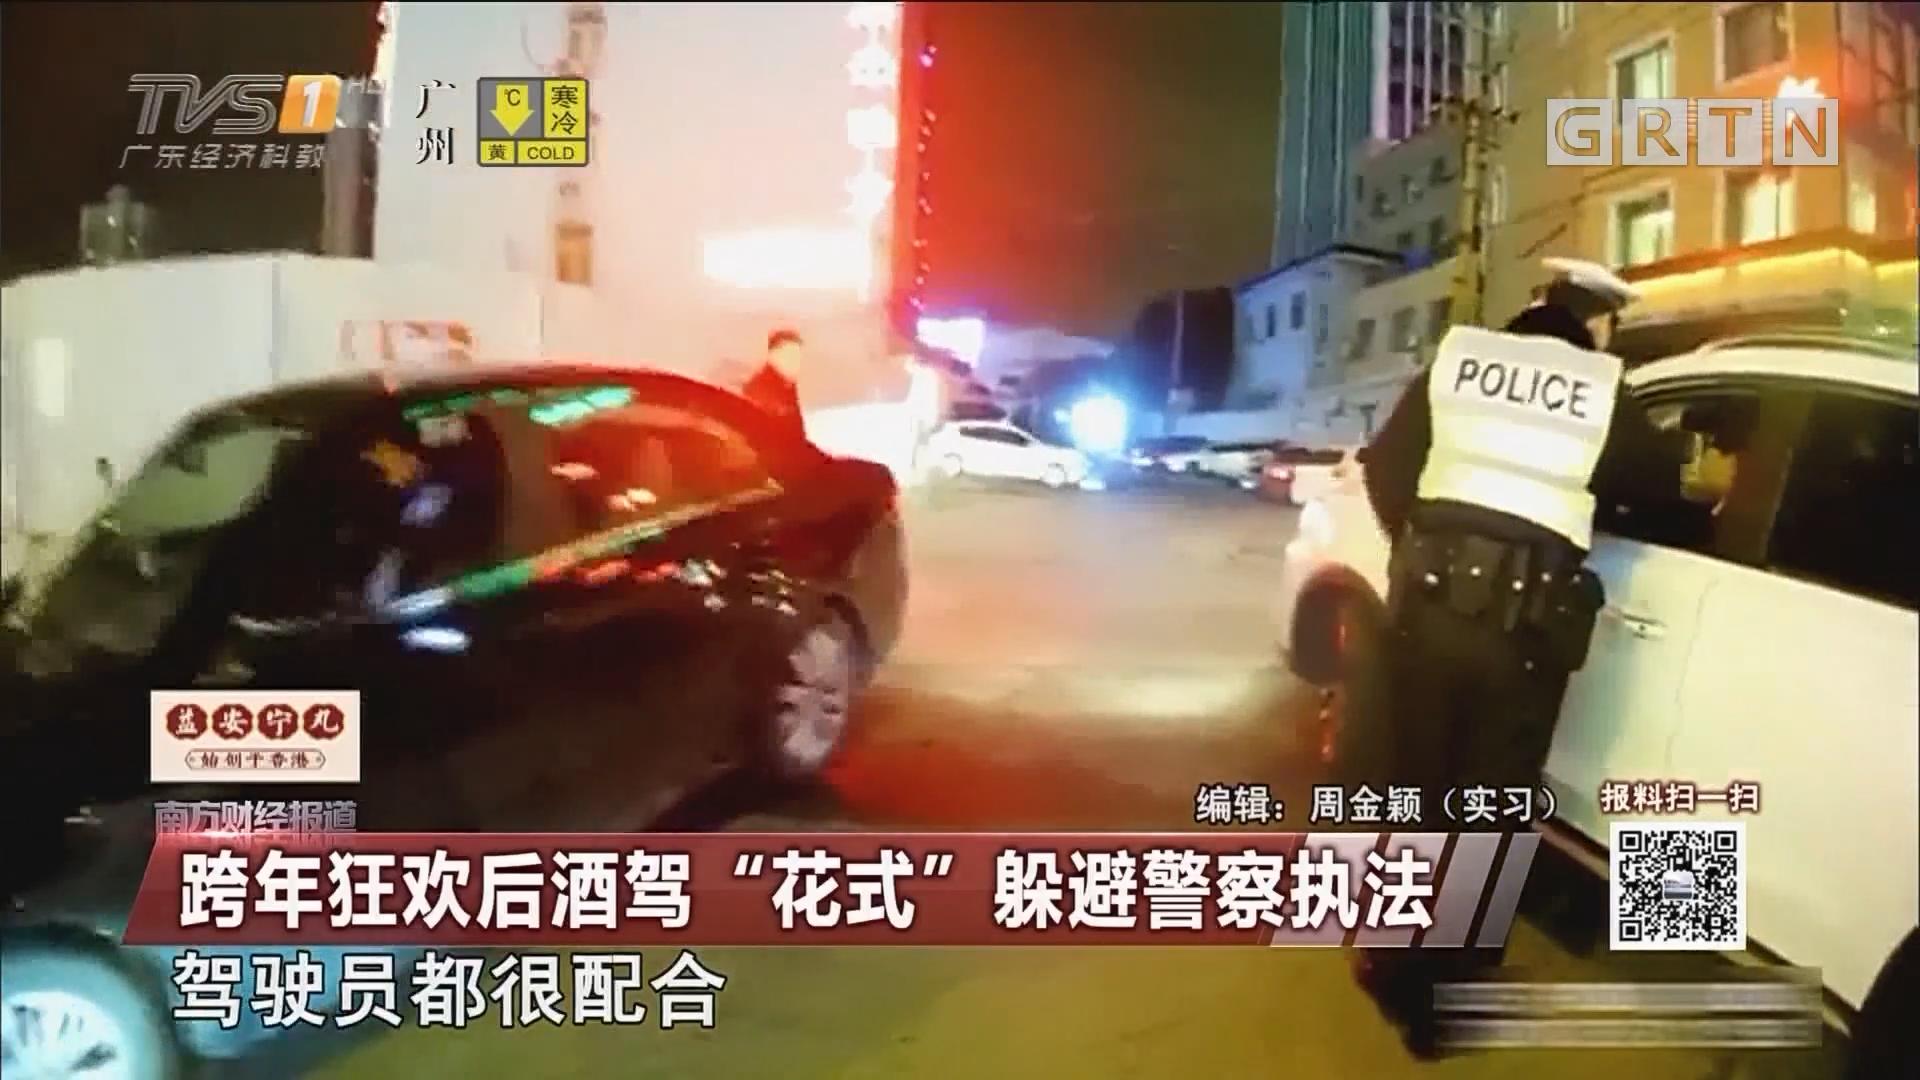 """跨年狂欢后酒驾 """"花式""""躲避警察执法"""